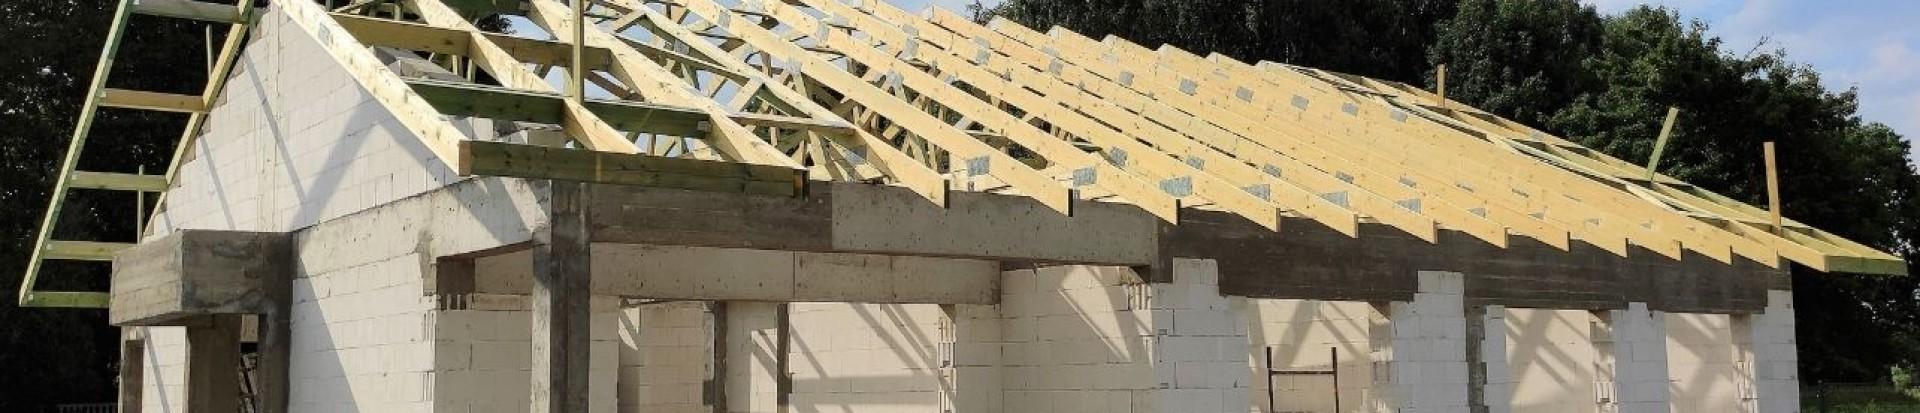 Realizacja konstrukcji dachu domu w Aleksandrowie Łódzkim